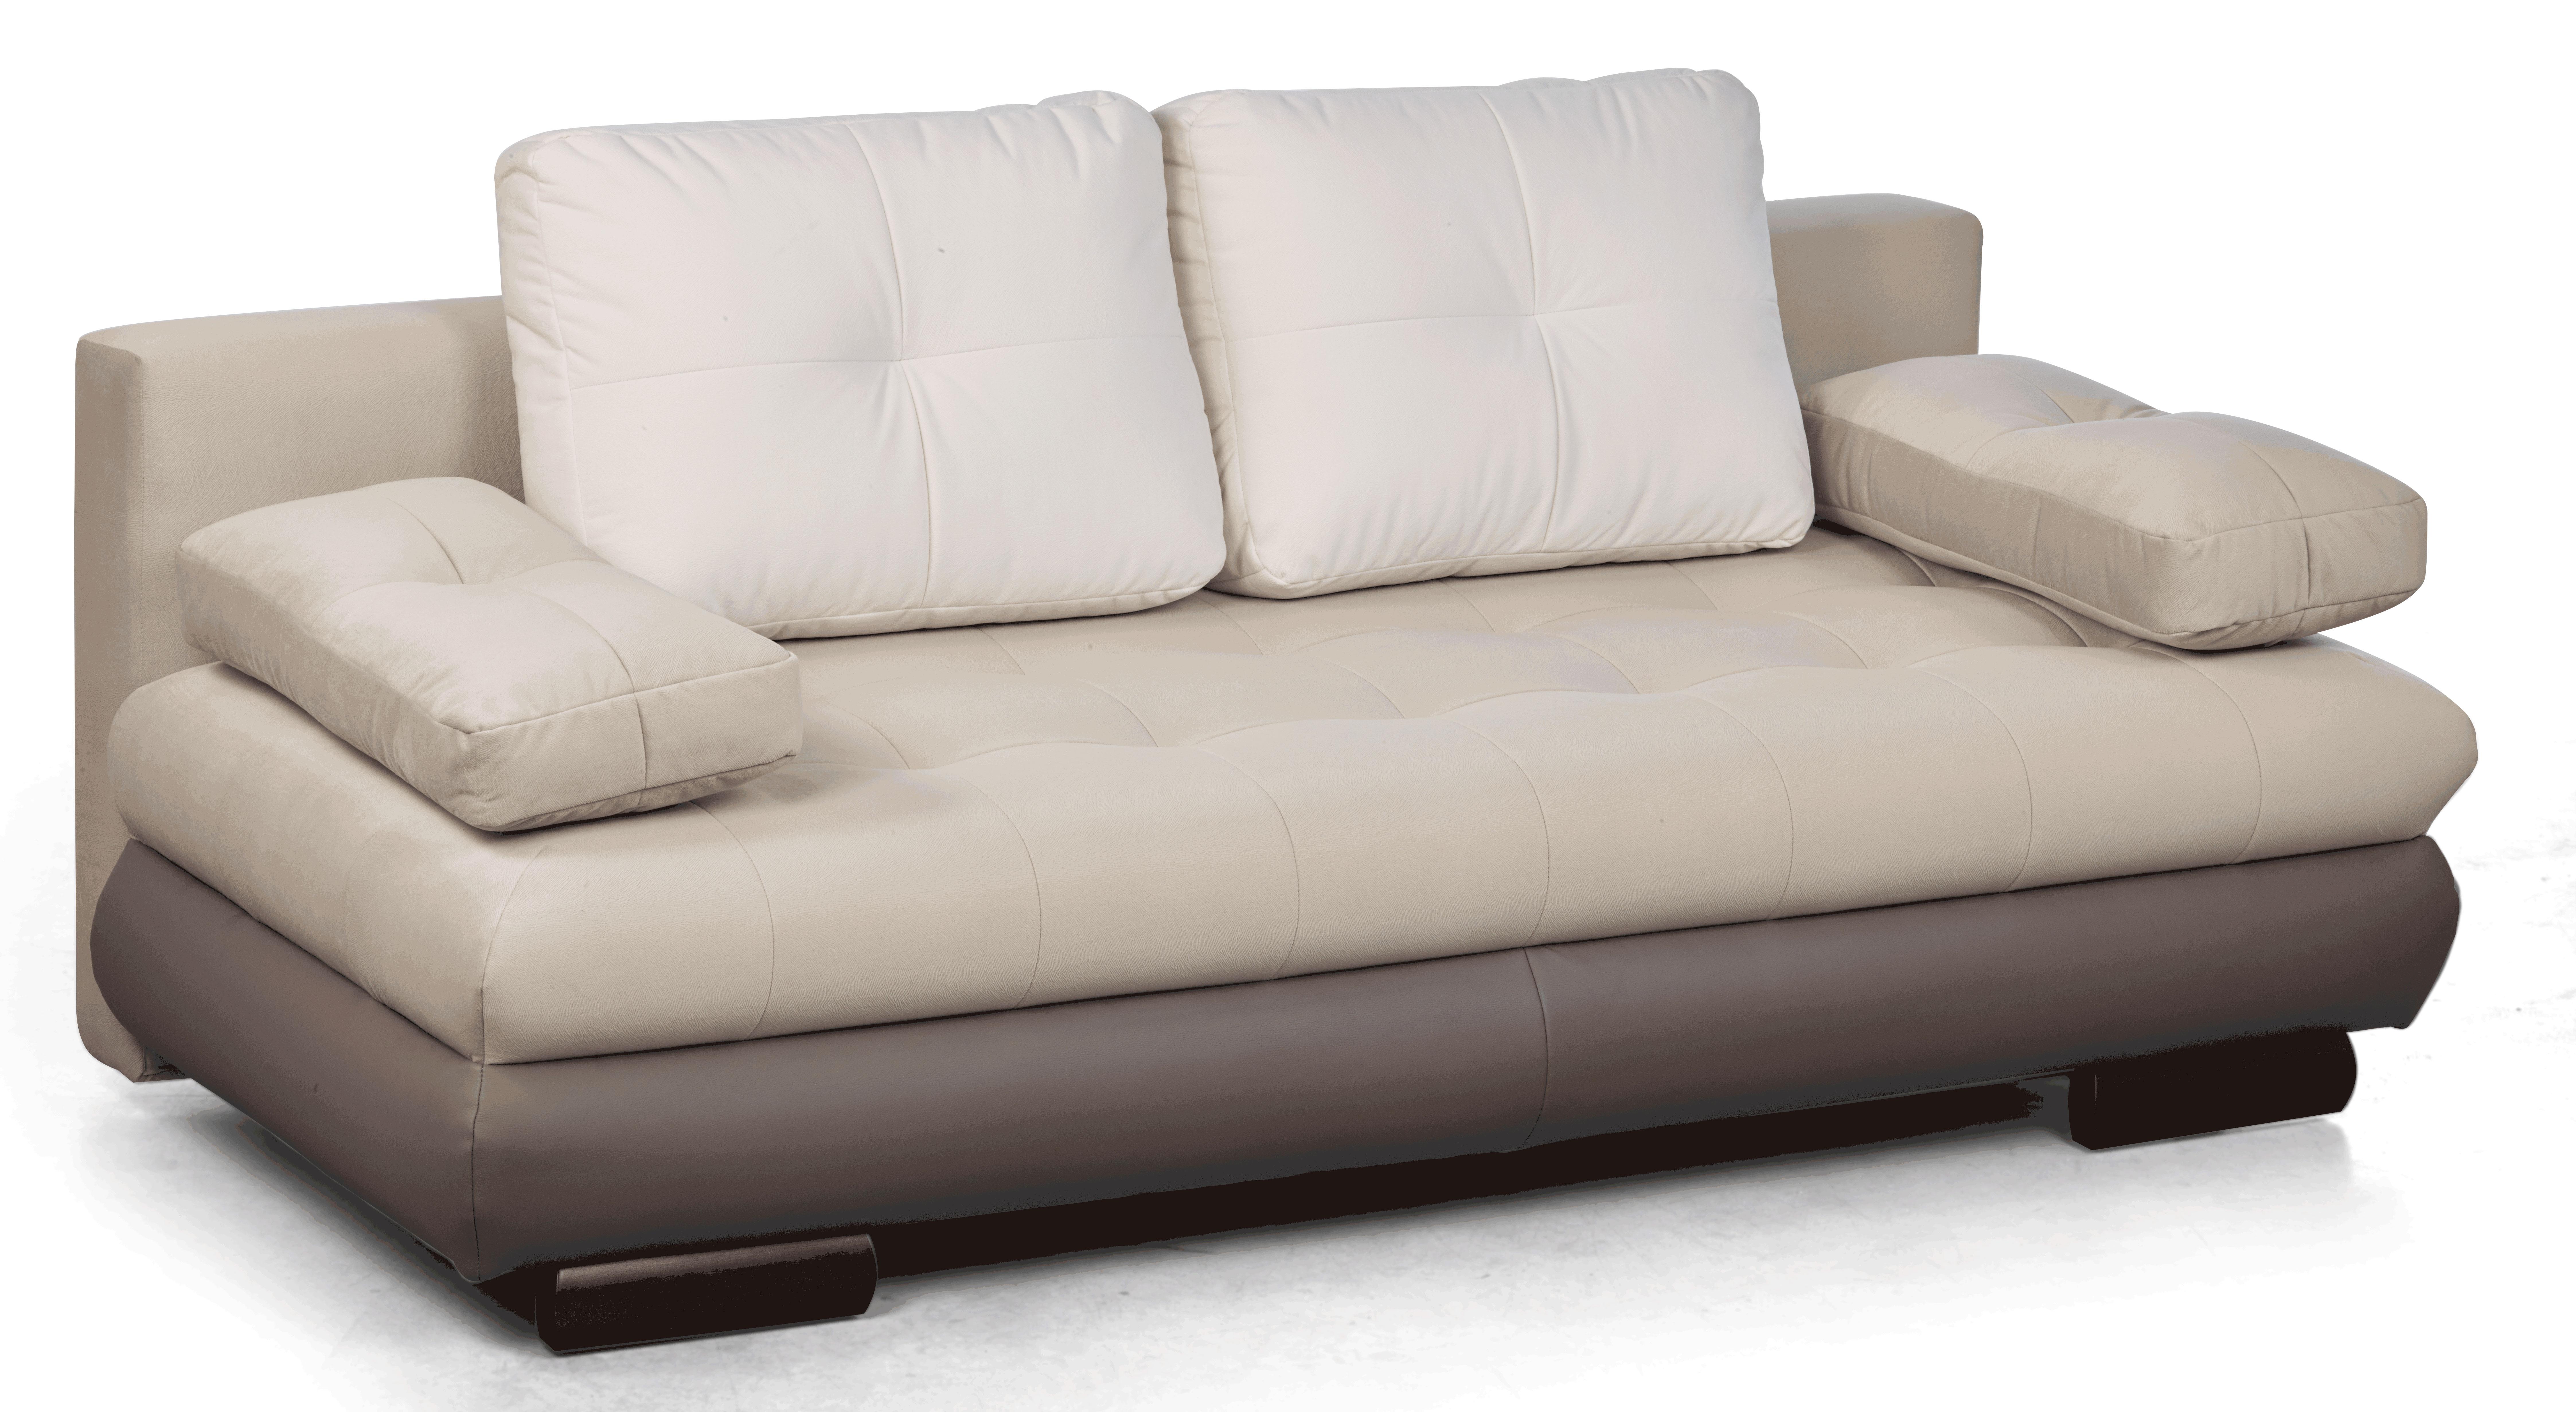 Canapea Extensibila Bej Poza